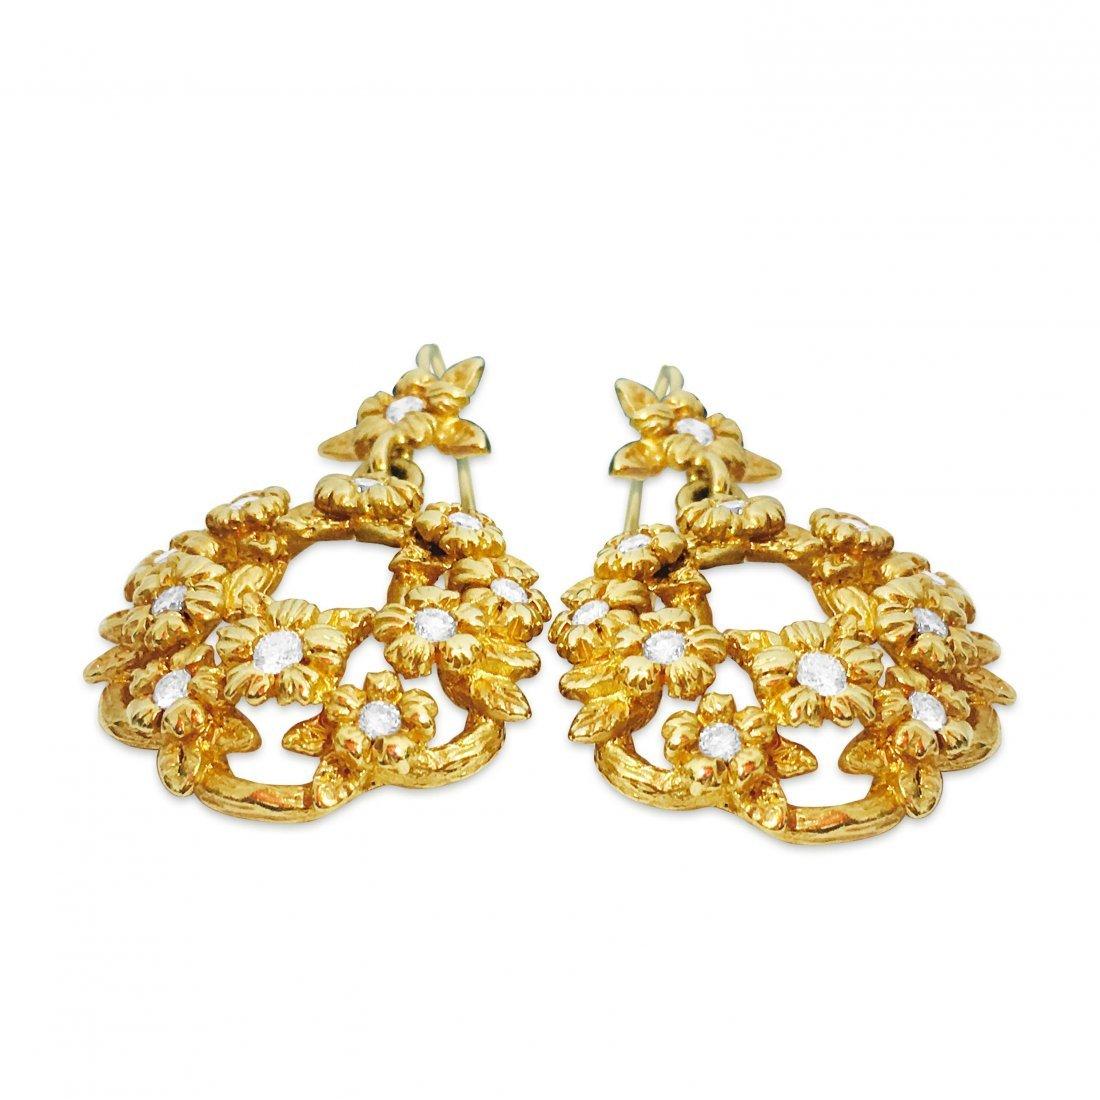 Stephen Dweck 18K GOLD & DIAMONDS Earrings - 2